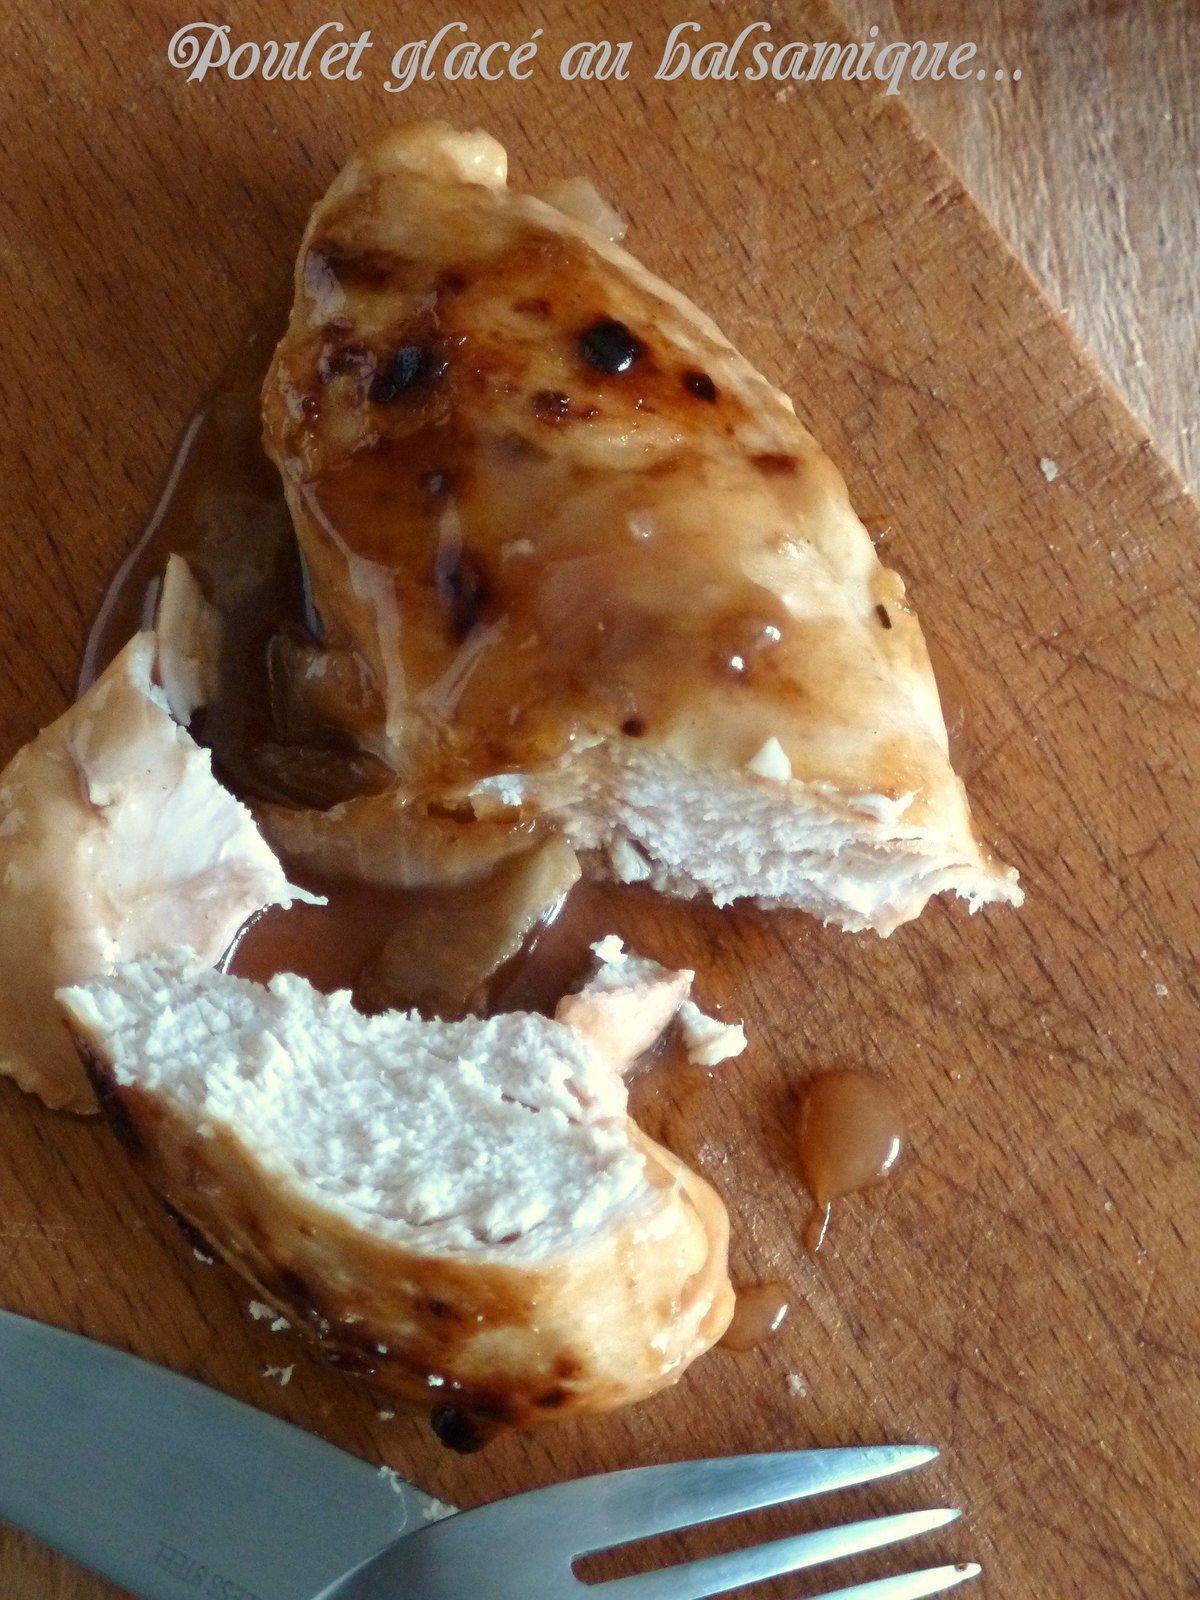 Poulet glacé au vinaigre balsamique